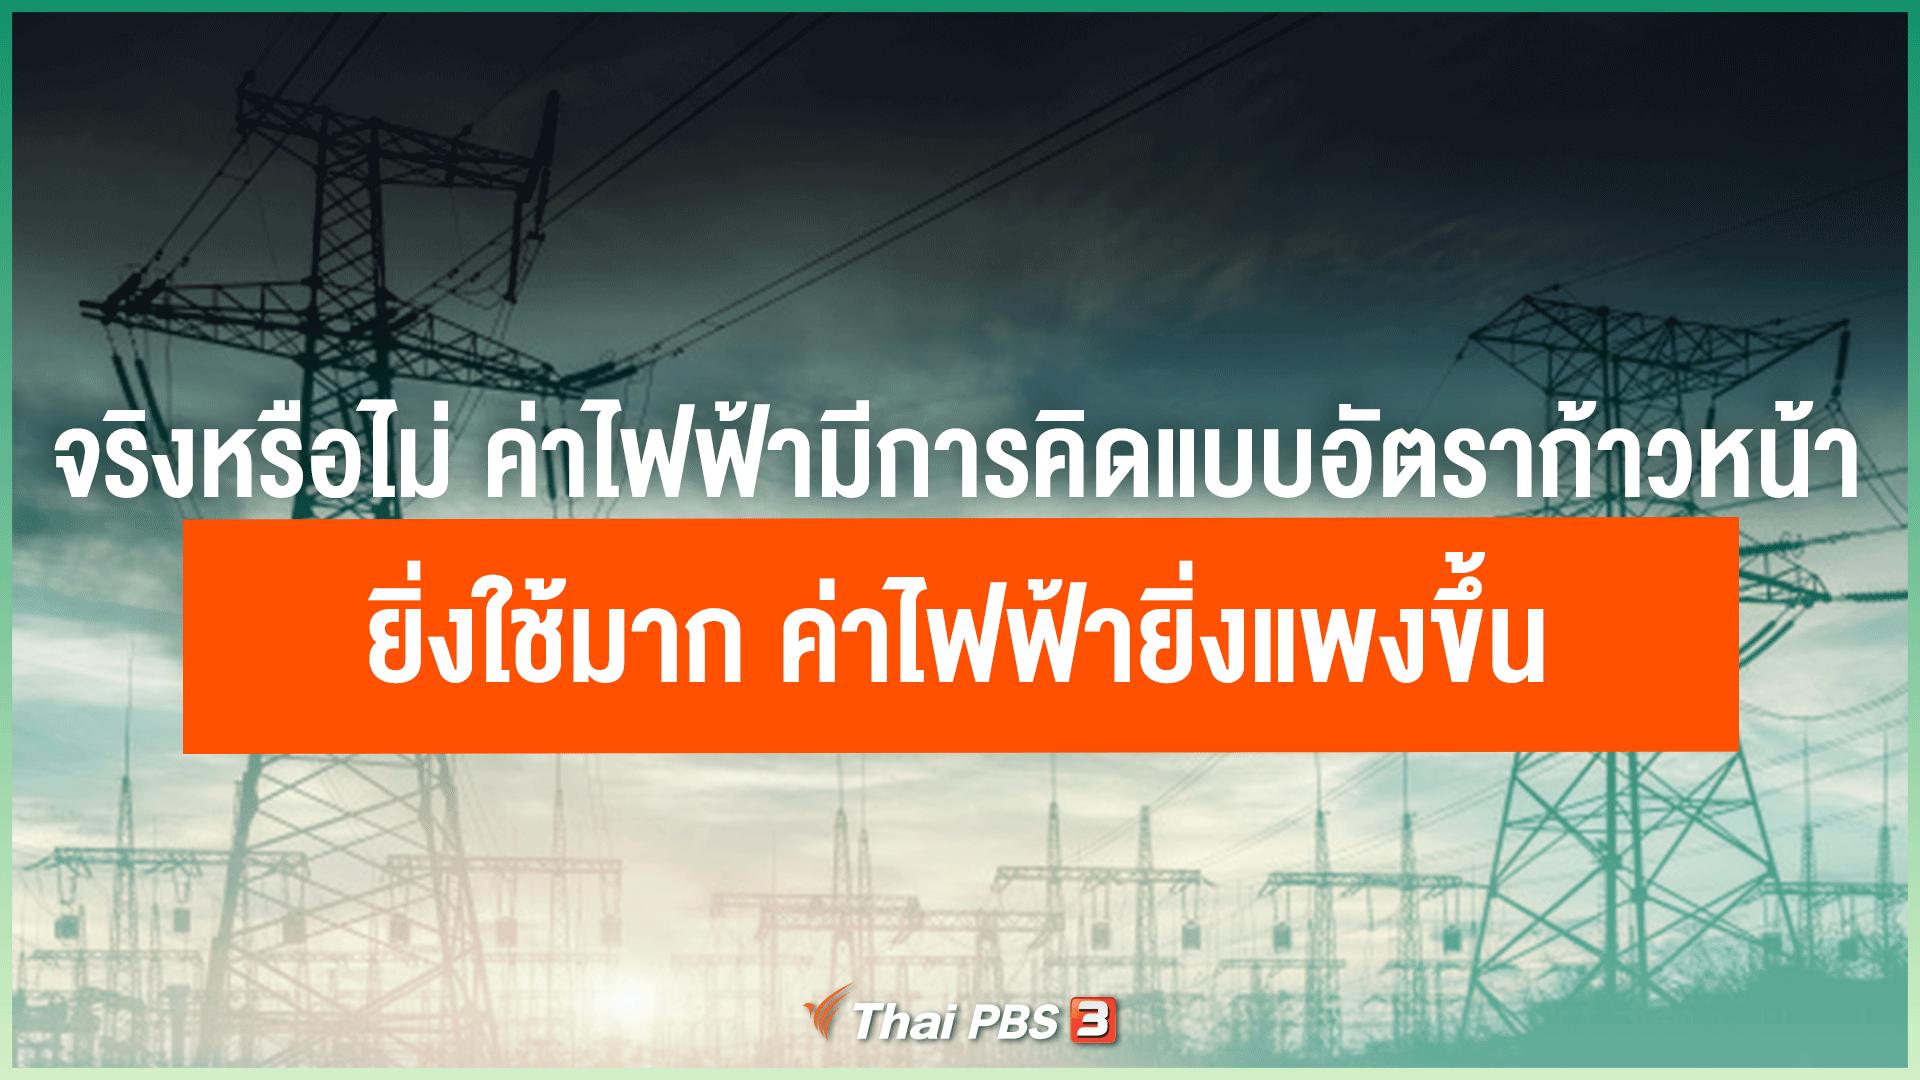 จริงหรือไม่ ? ค่าไฟฟ้ามีการคิดแบบอัตราก้าวหน้า ยิ่งใช้มาก ค่าไฟฟ้ายิ่งแพงขึ้น